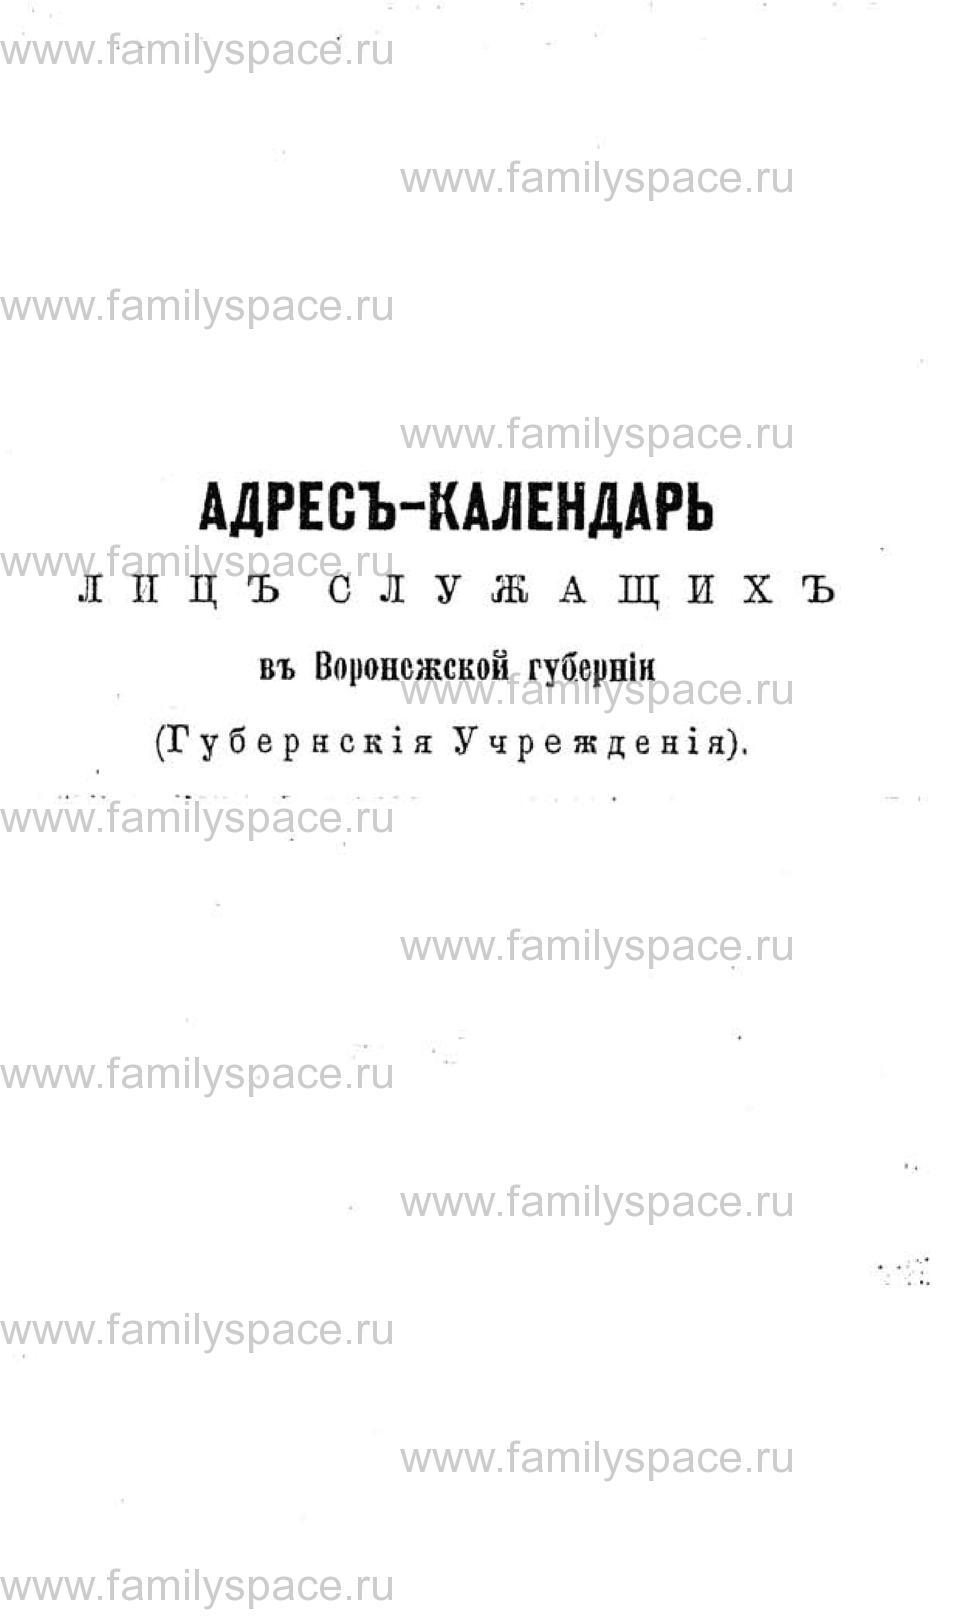 Поиск по фамилии - Адрес-календарь лиц, служащих в Воронежской губернии на 1871 год, страница -1